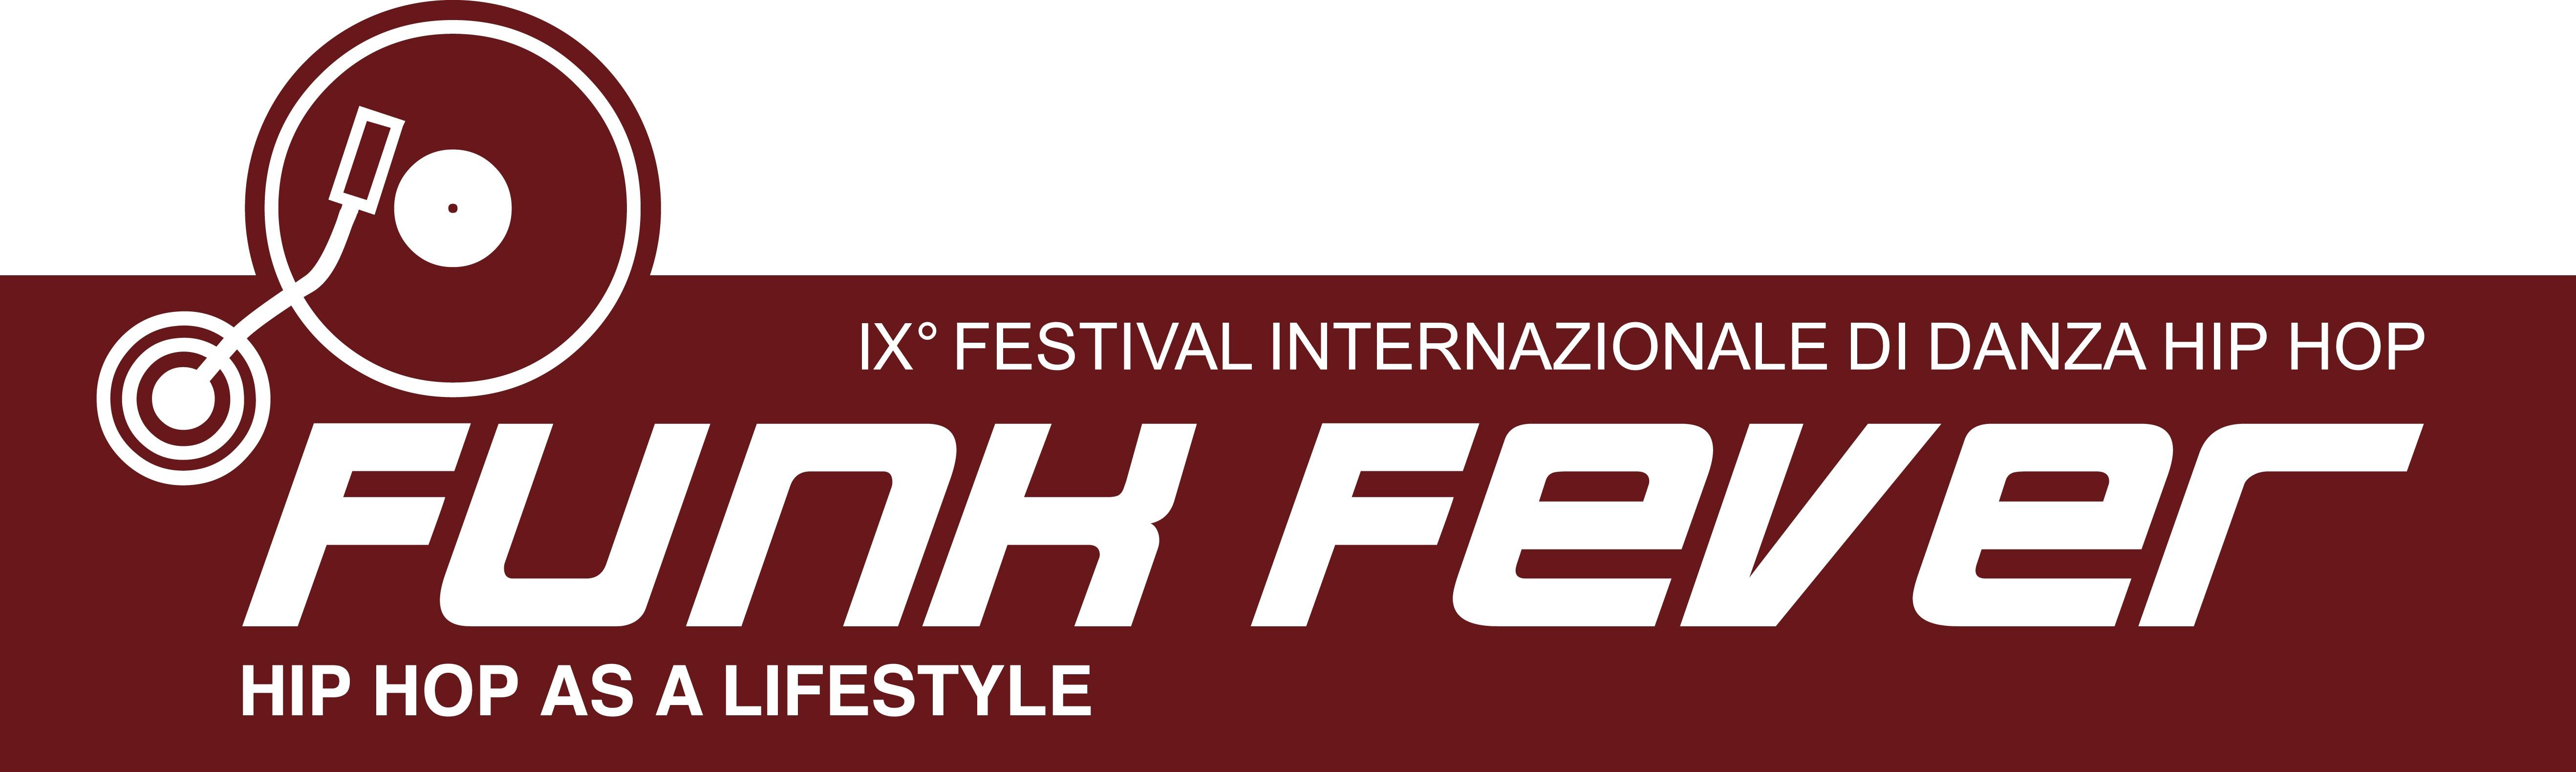 logo ff2007